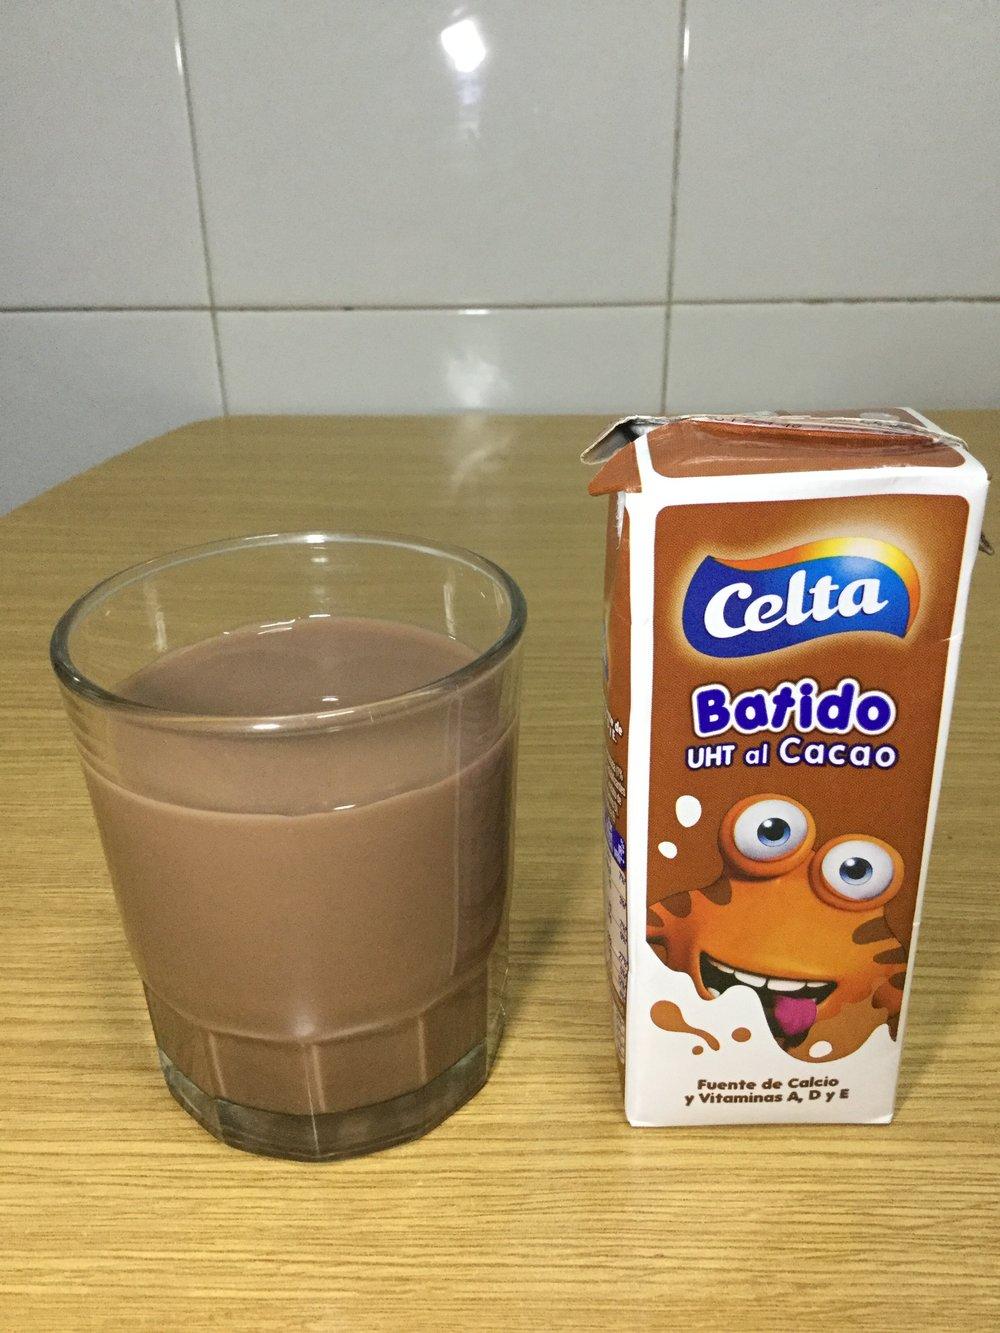 Celta Batido Al Cacao Cup